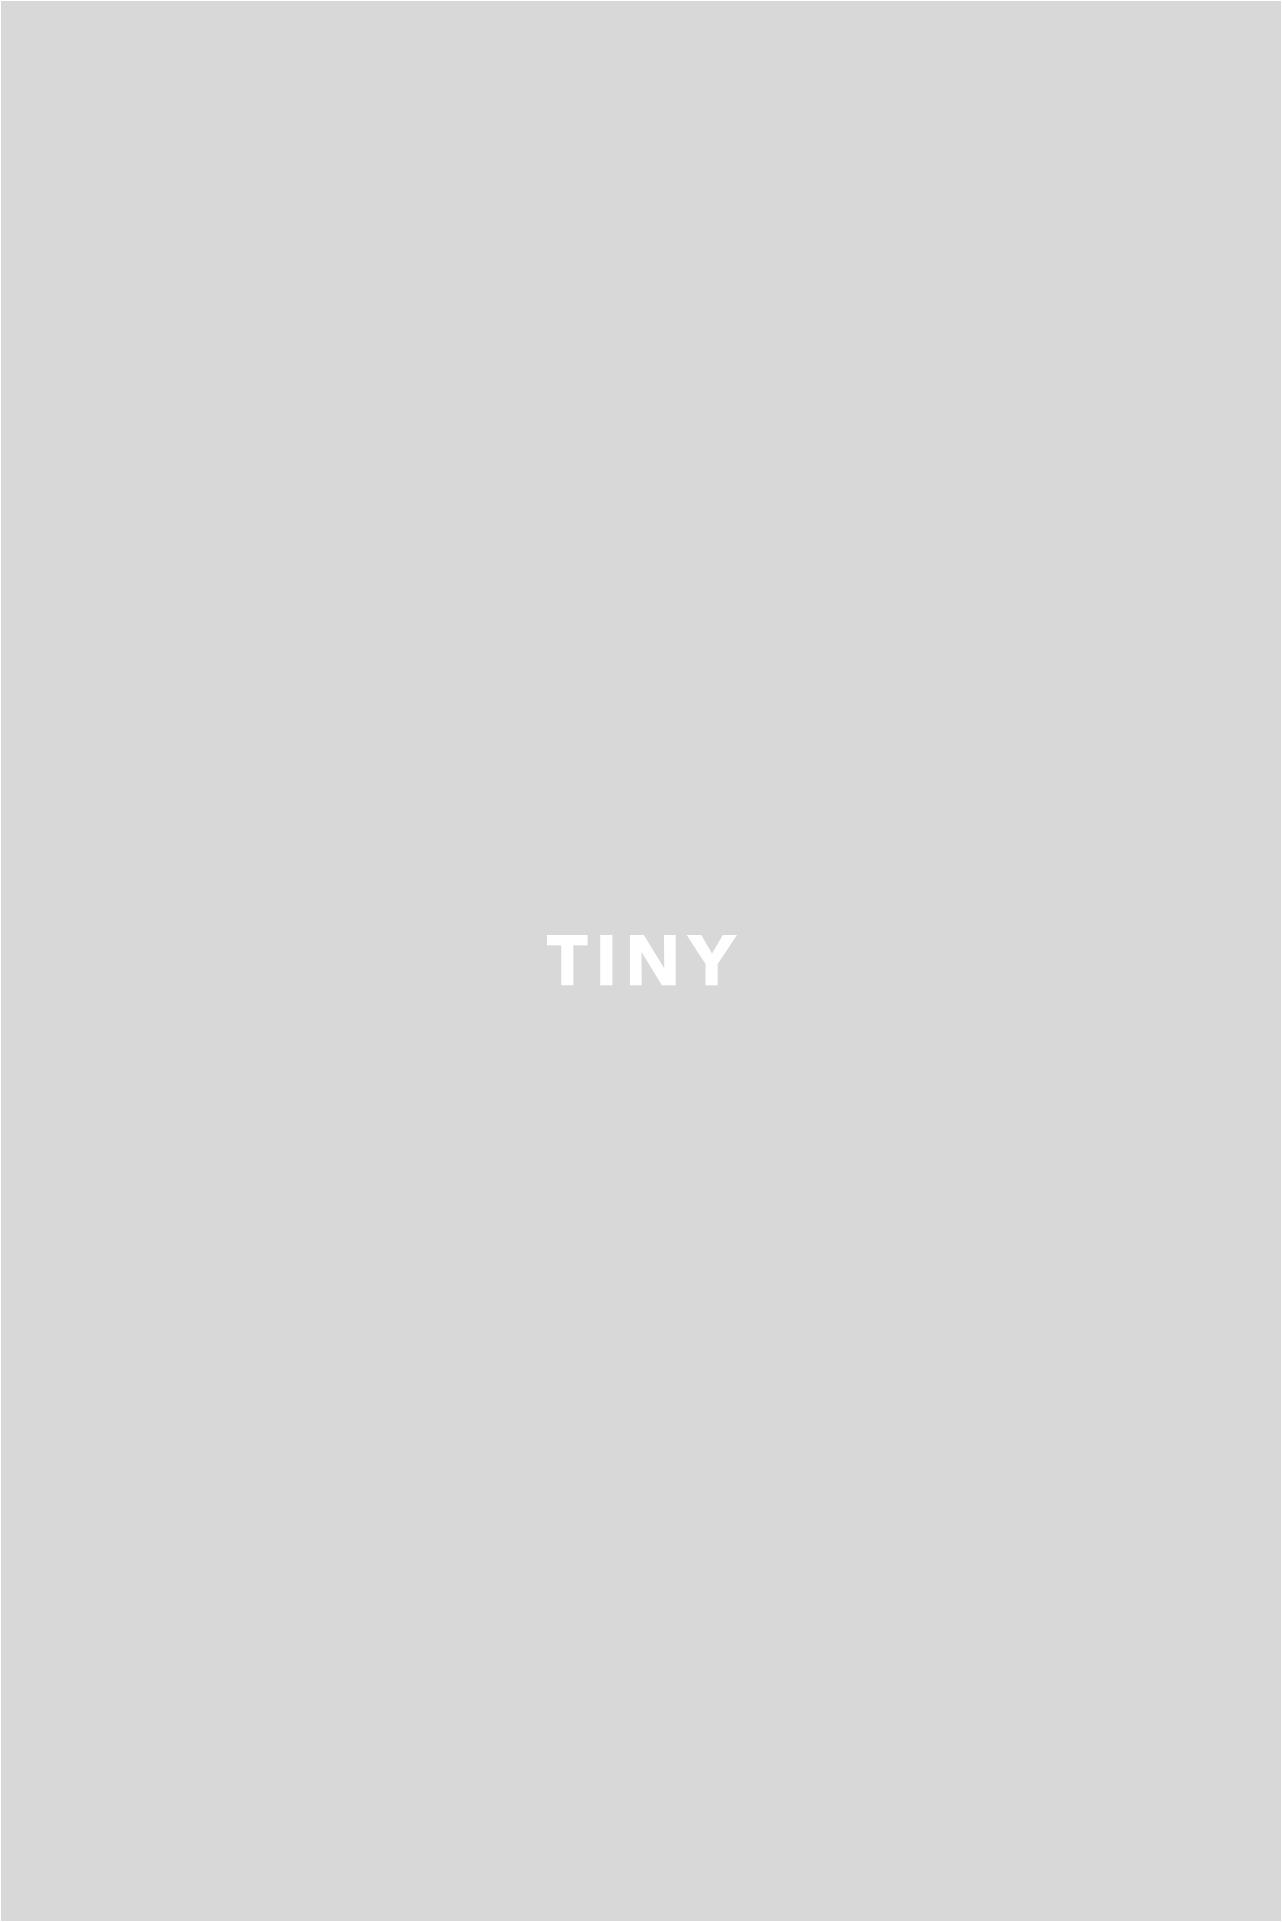 Beginner's Music Tin